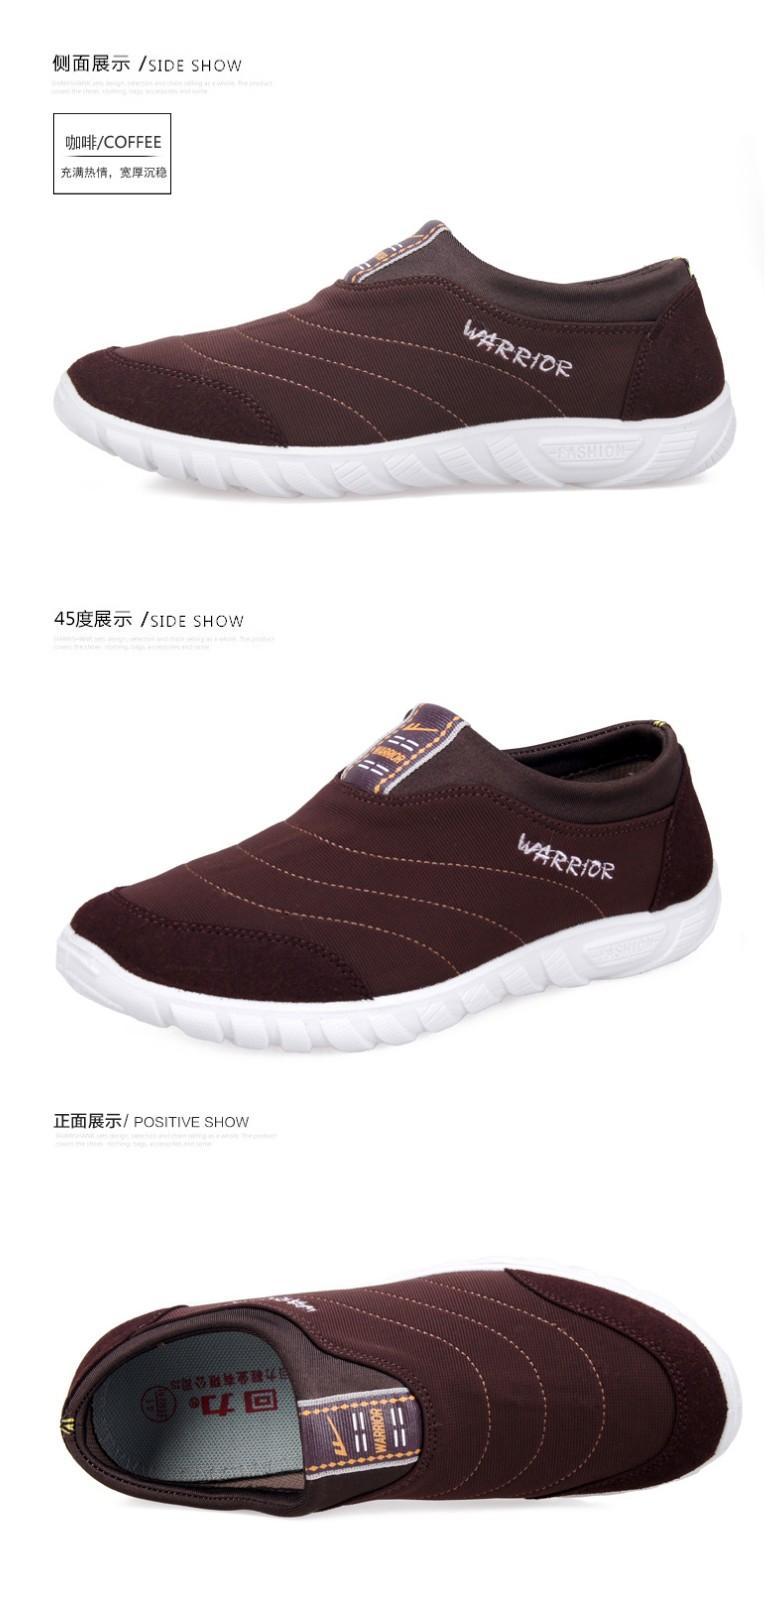 回力男鞋帆布鞋子一脚蹬懒人鞋男士潮流韩版布鞋透气鞋图片二十四